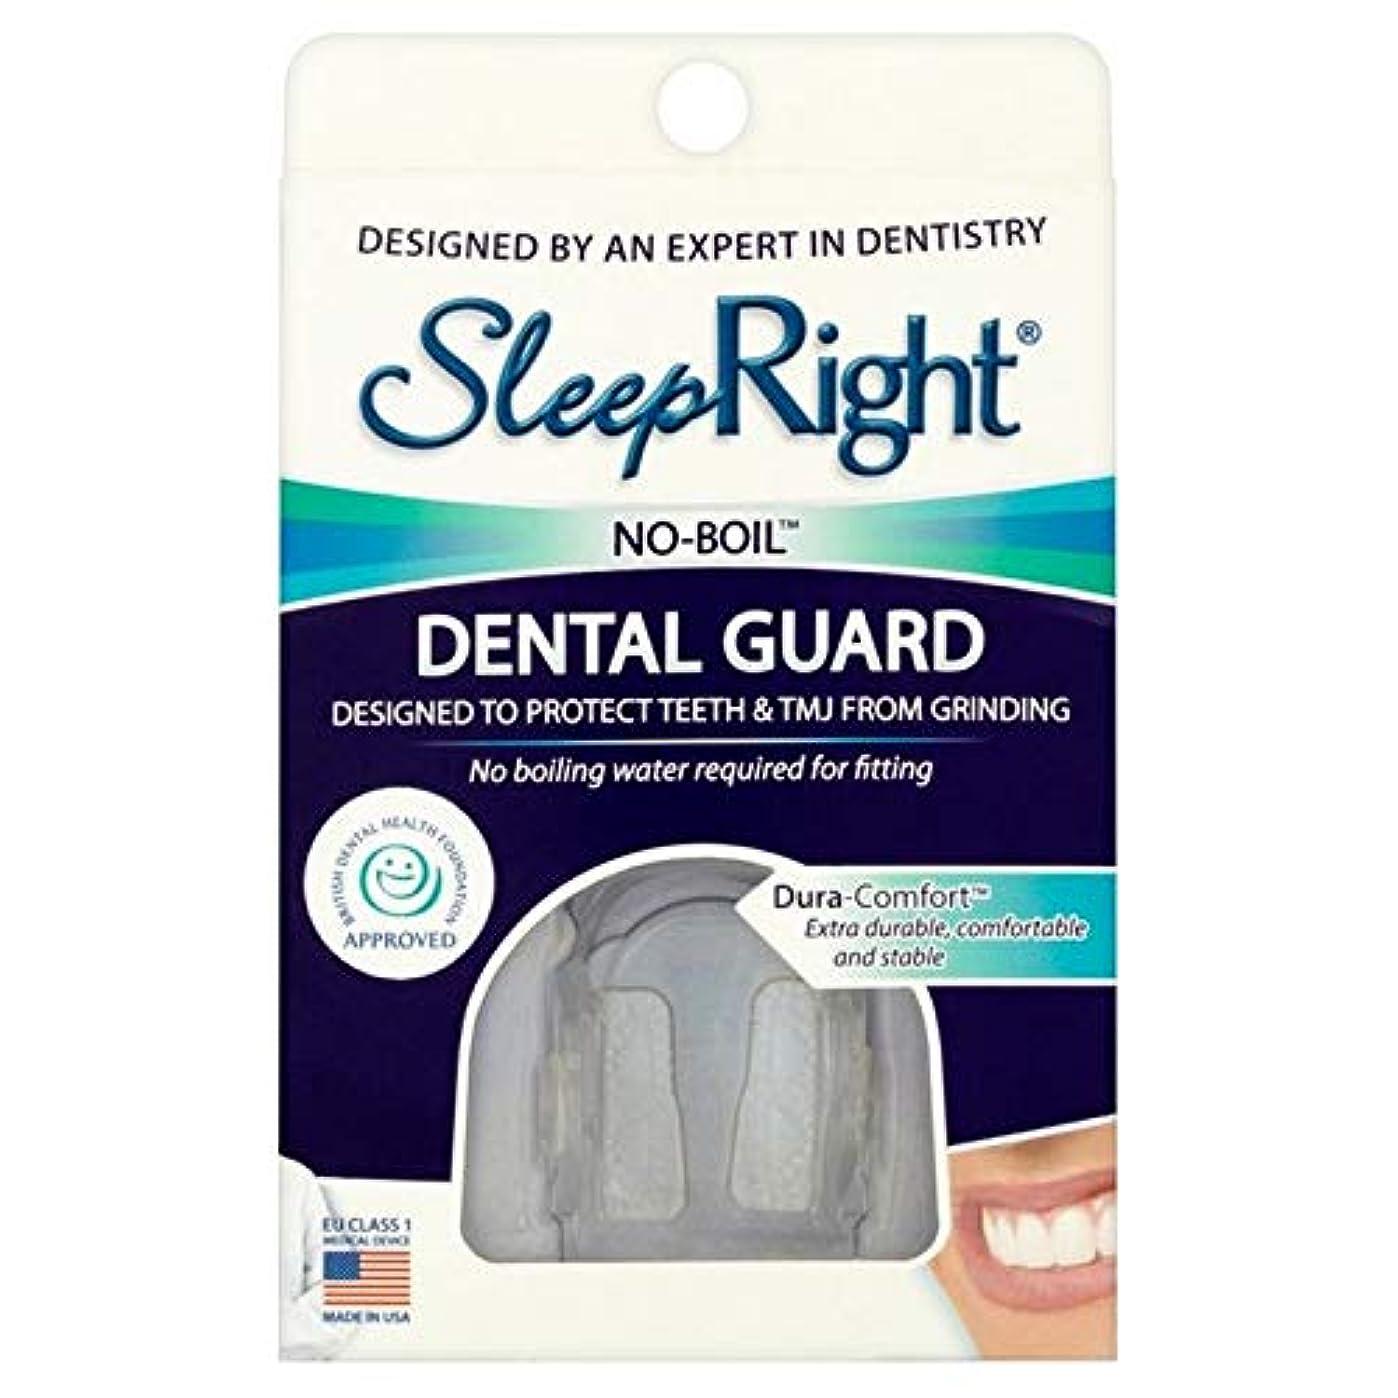 も命令座る[SleepRight] Sleepright硬膜-快適歯科用ガード - SleepRight Dura-Comfort Dental Guard [並行輸入品]